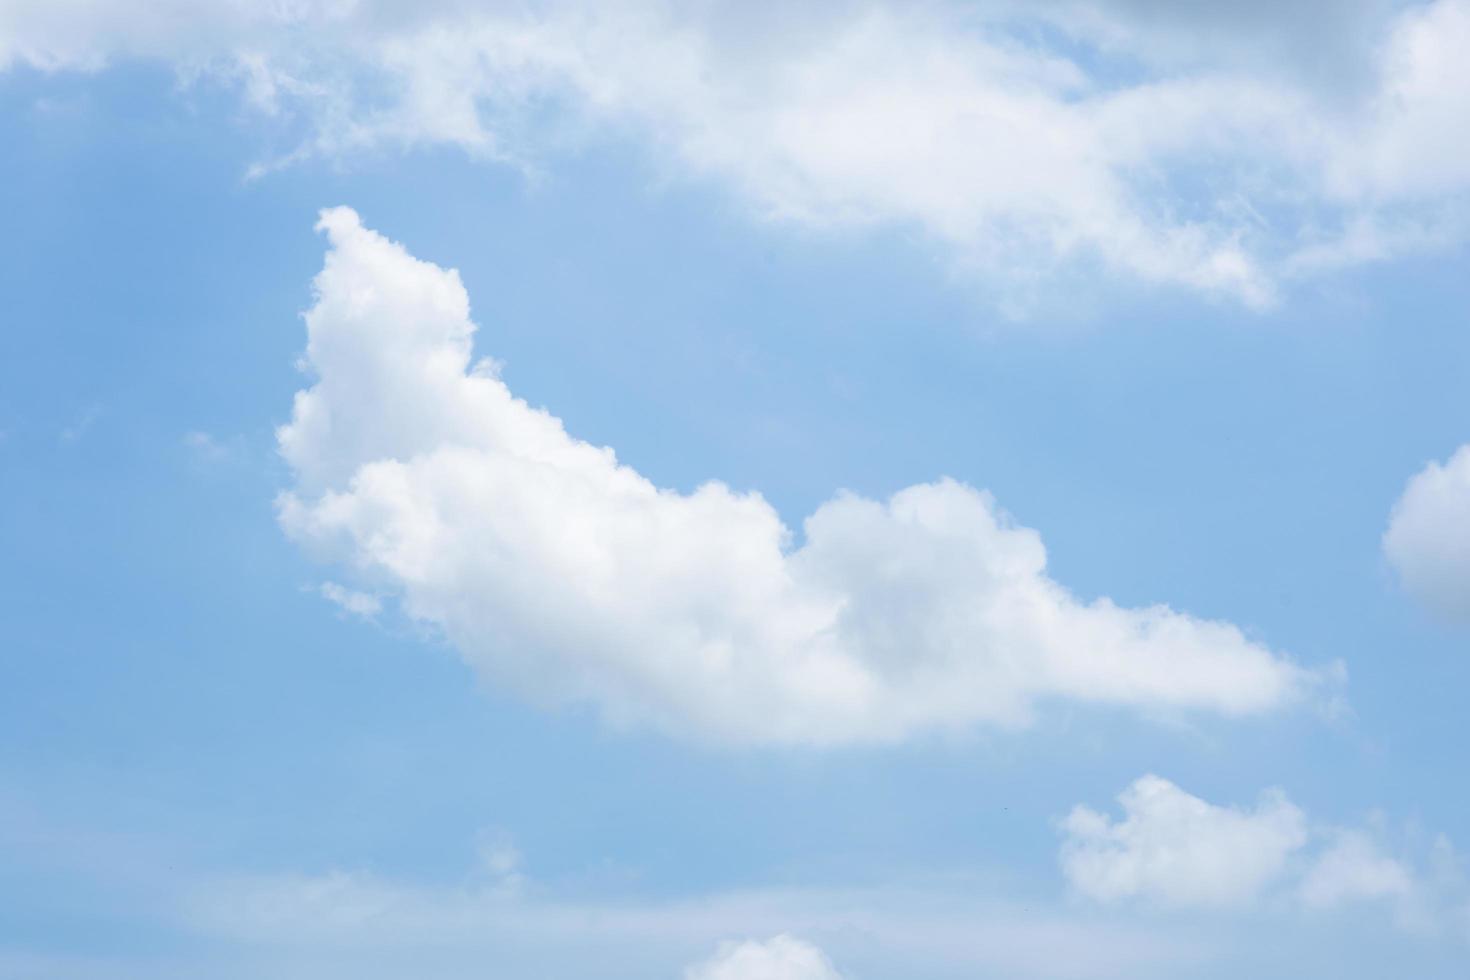 himlen och molnen foto